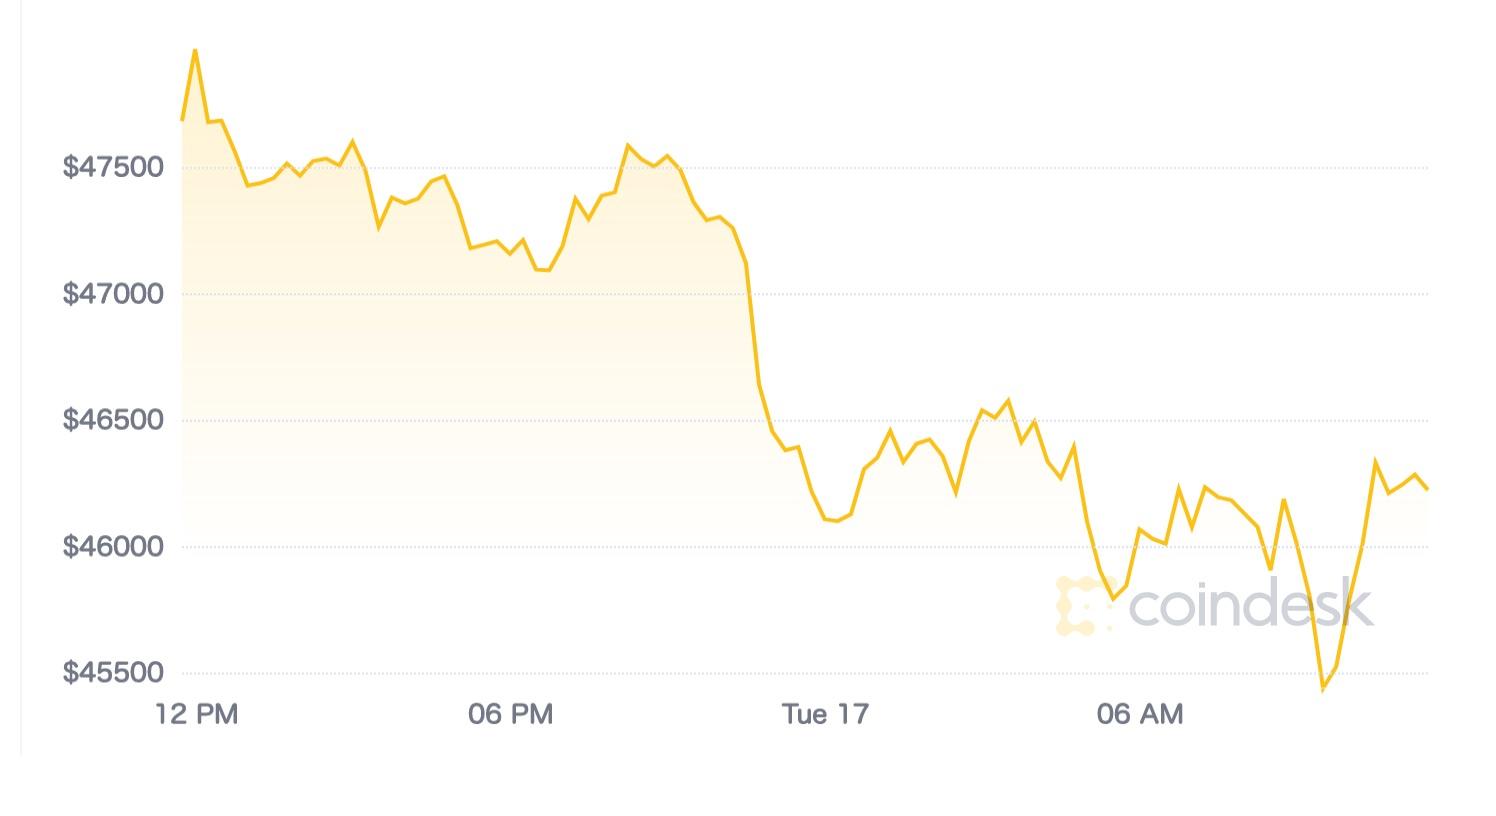 【市場動向】ビットコイン、価格上昇は一休みか